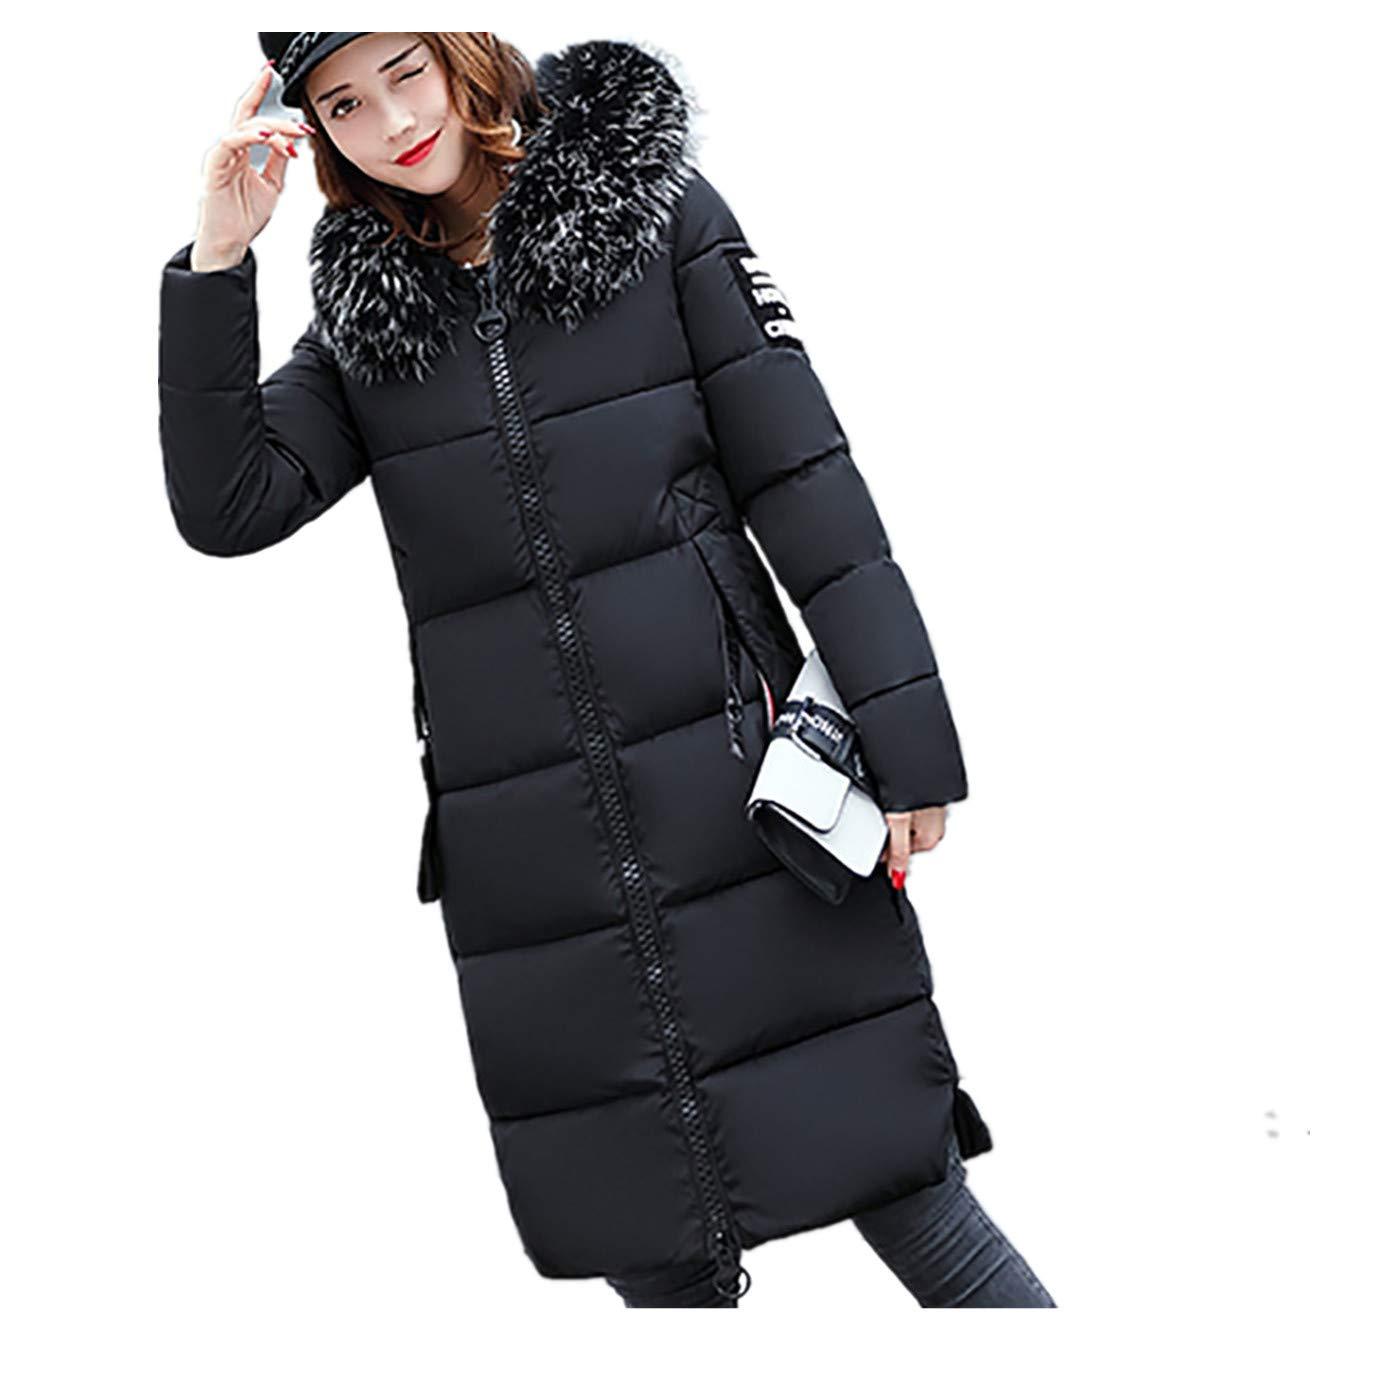 a0f6c47864e5 beautyjourney Cappotto Donna Piumino Taglie Forti Elegante Pelliccia Faux Giacca  Donna Invernale Lungo Cappotti Donna Invernali